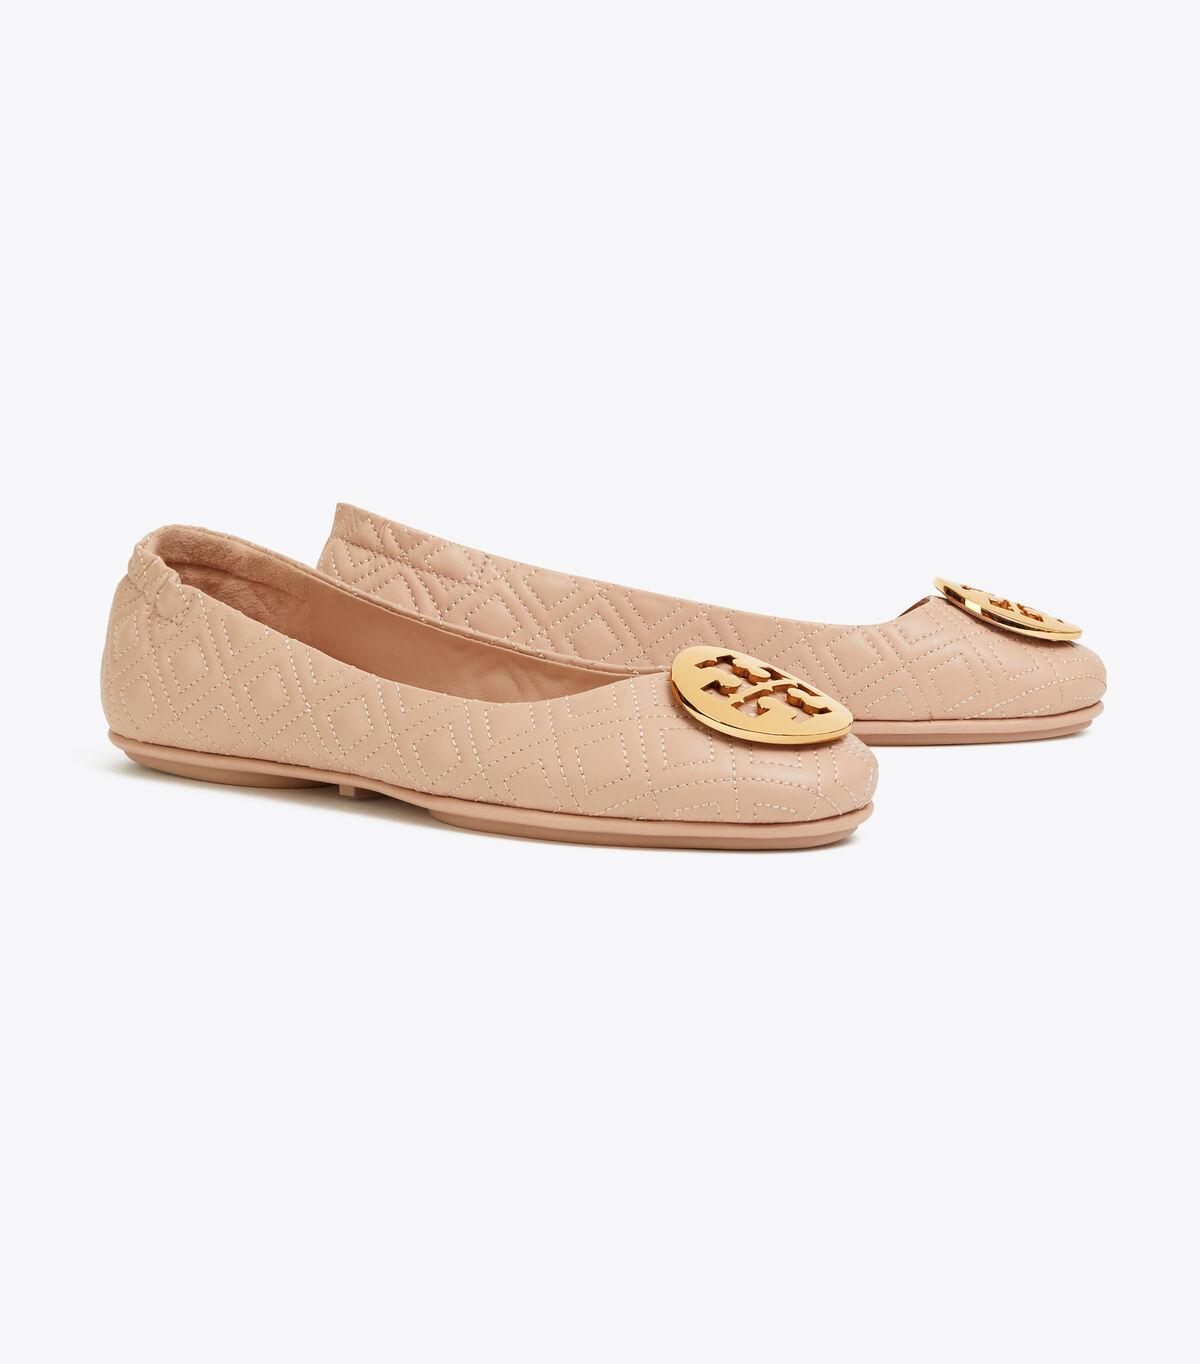 باليرينا ميني ترافيل مبطنة مع شعار ميتال/250/ أحذية باليرينا